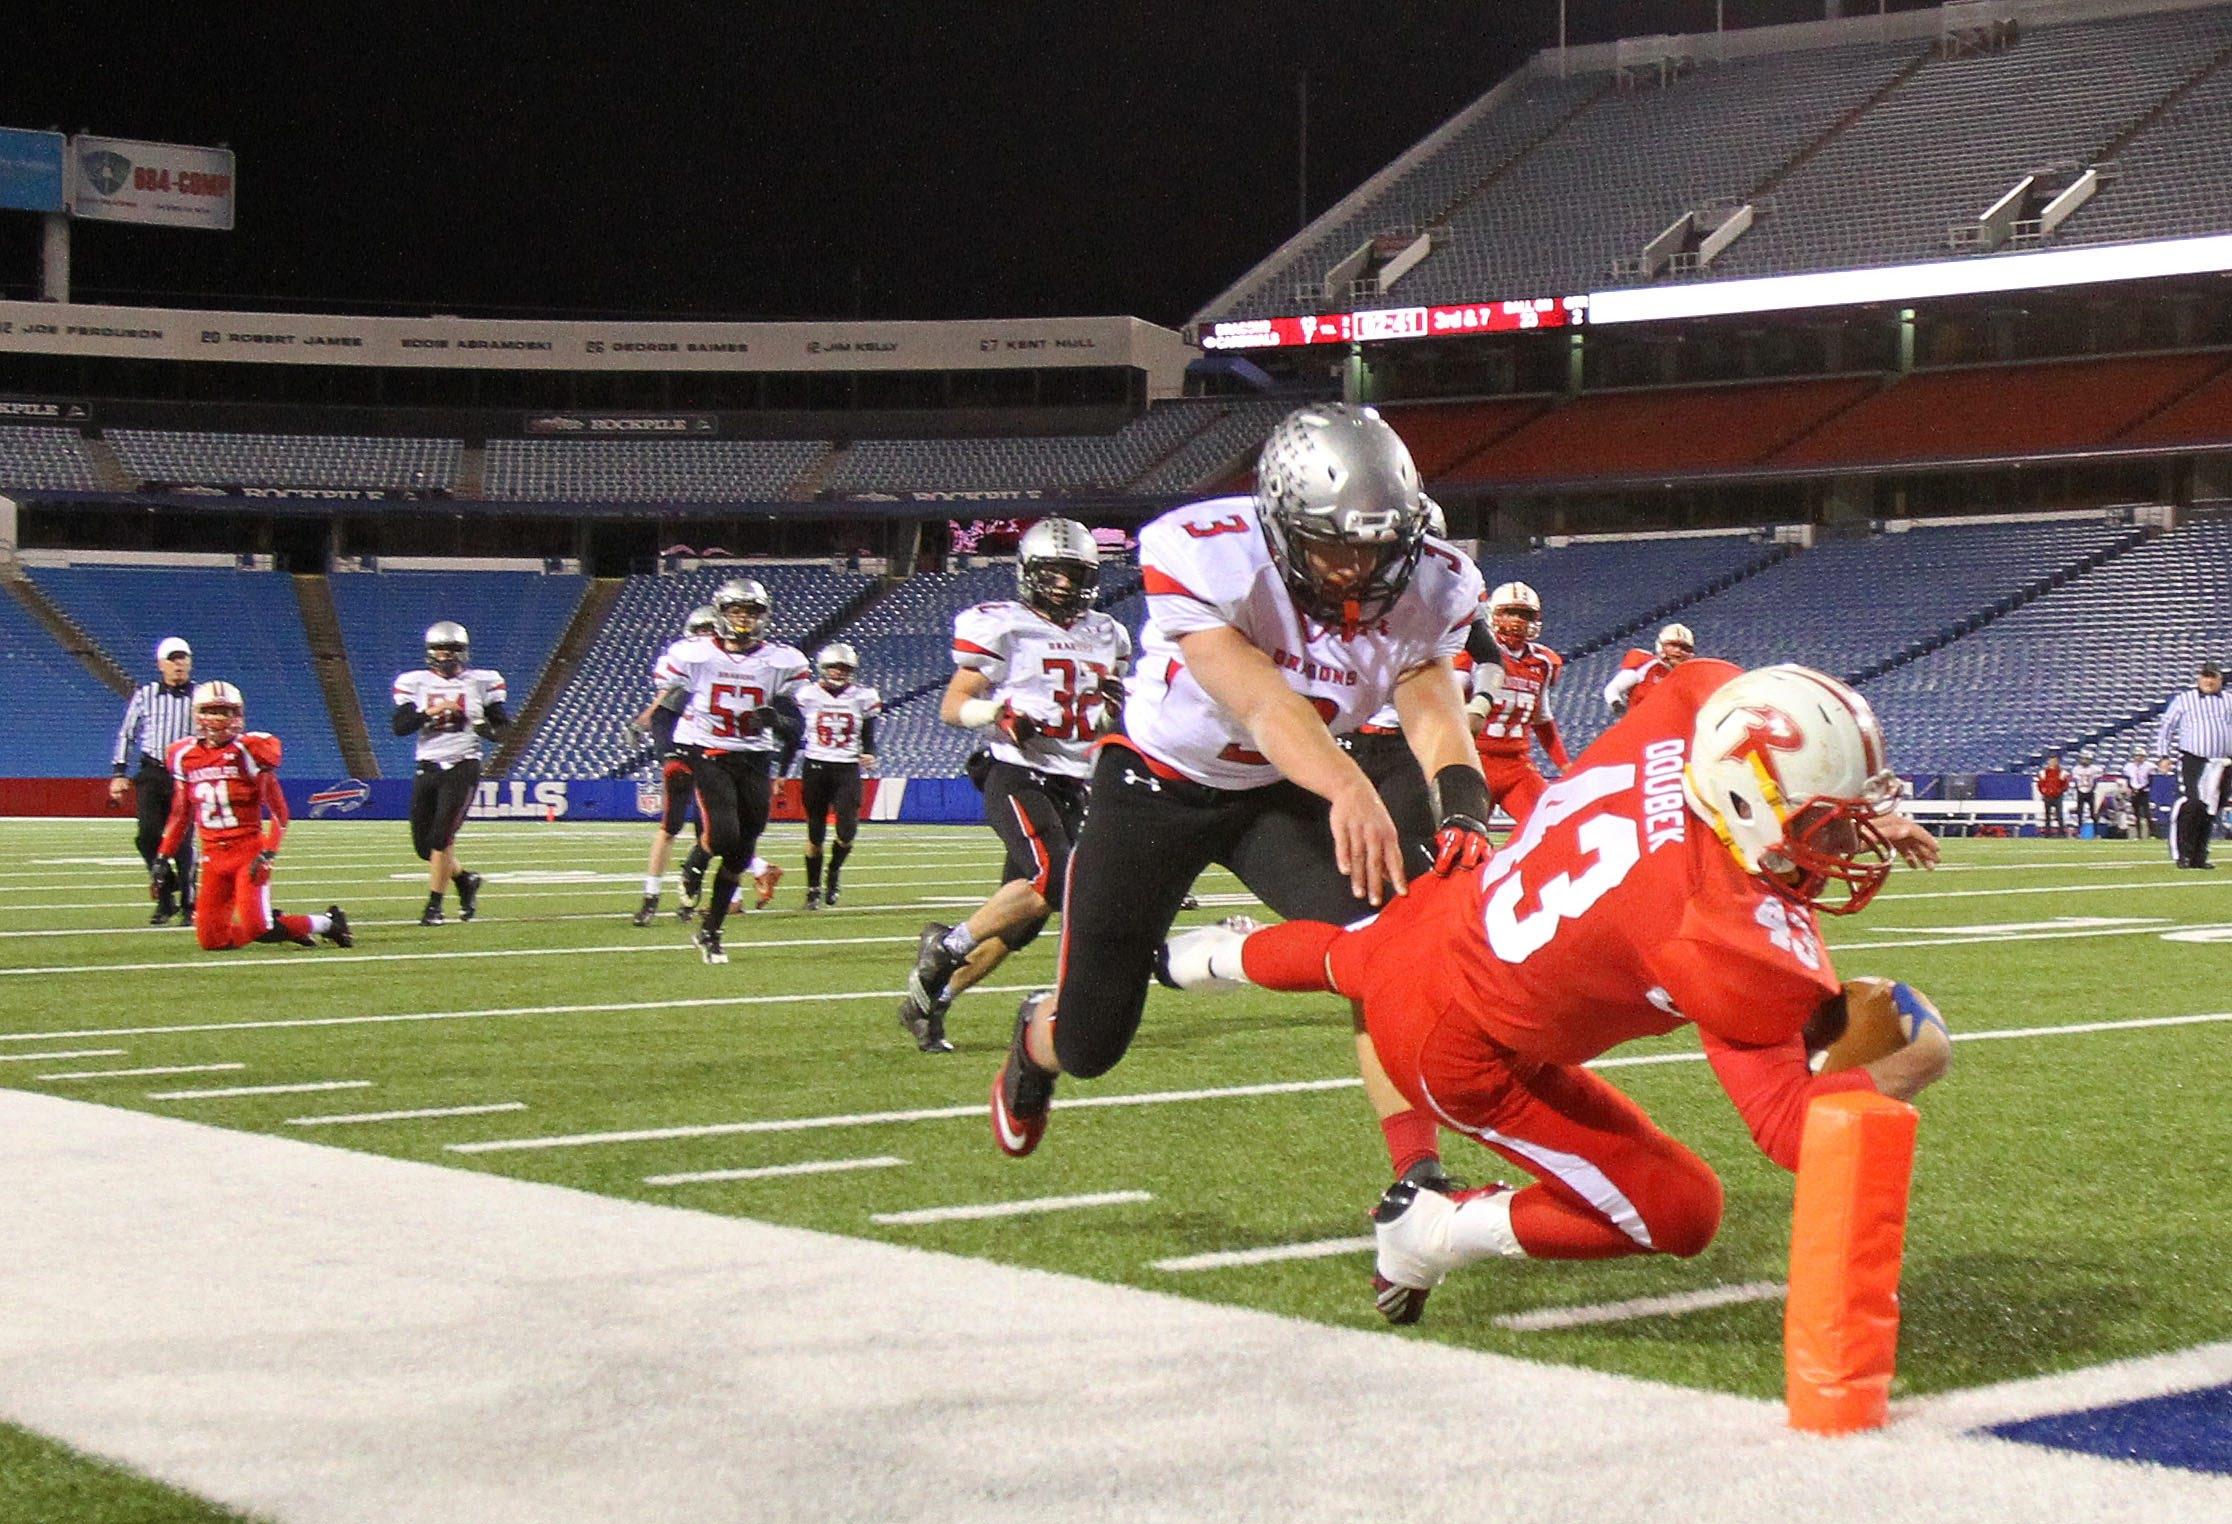 Randolph's Chris Doubek dives for a touchdown on Maple Grove/Chautauqua Lake's AJ Hulton in the first half at Ralph Wilson Stadium.